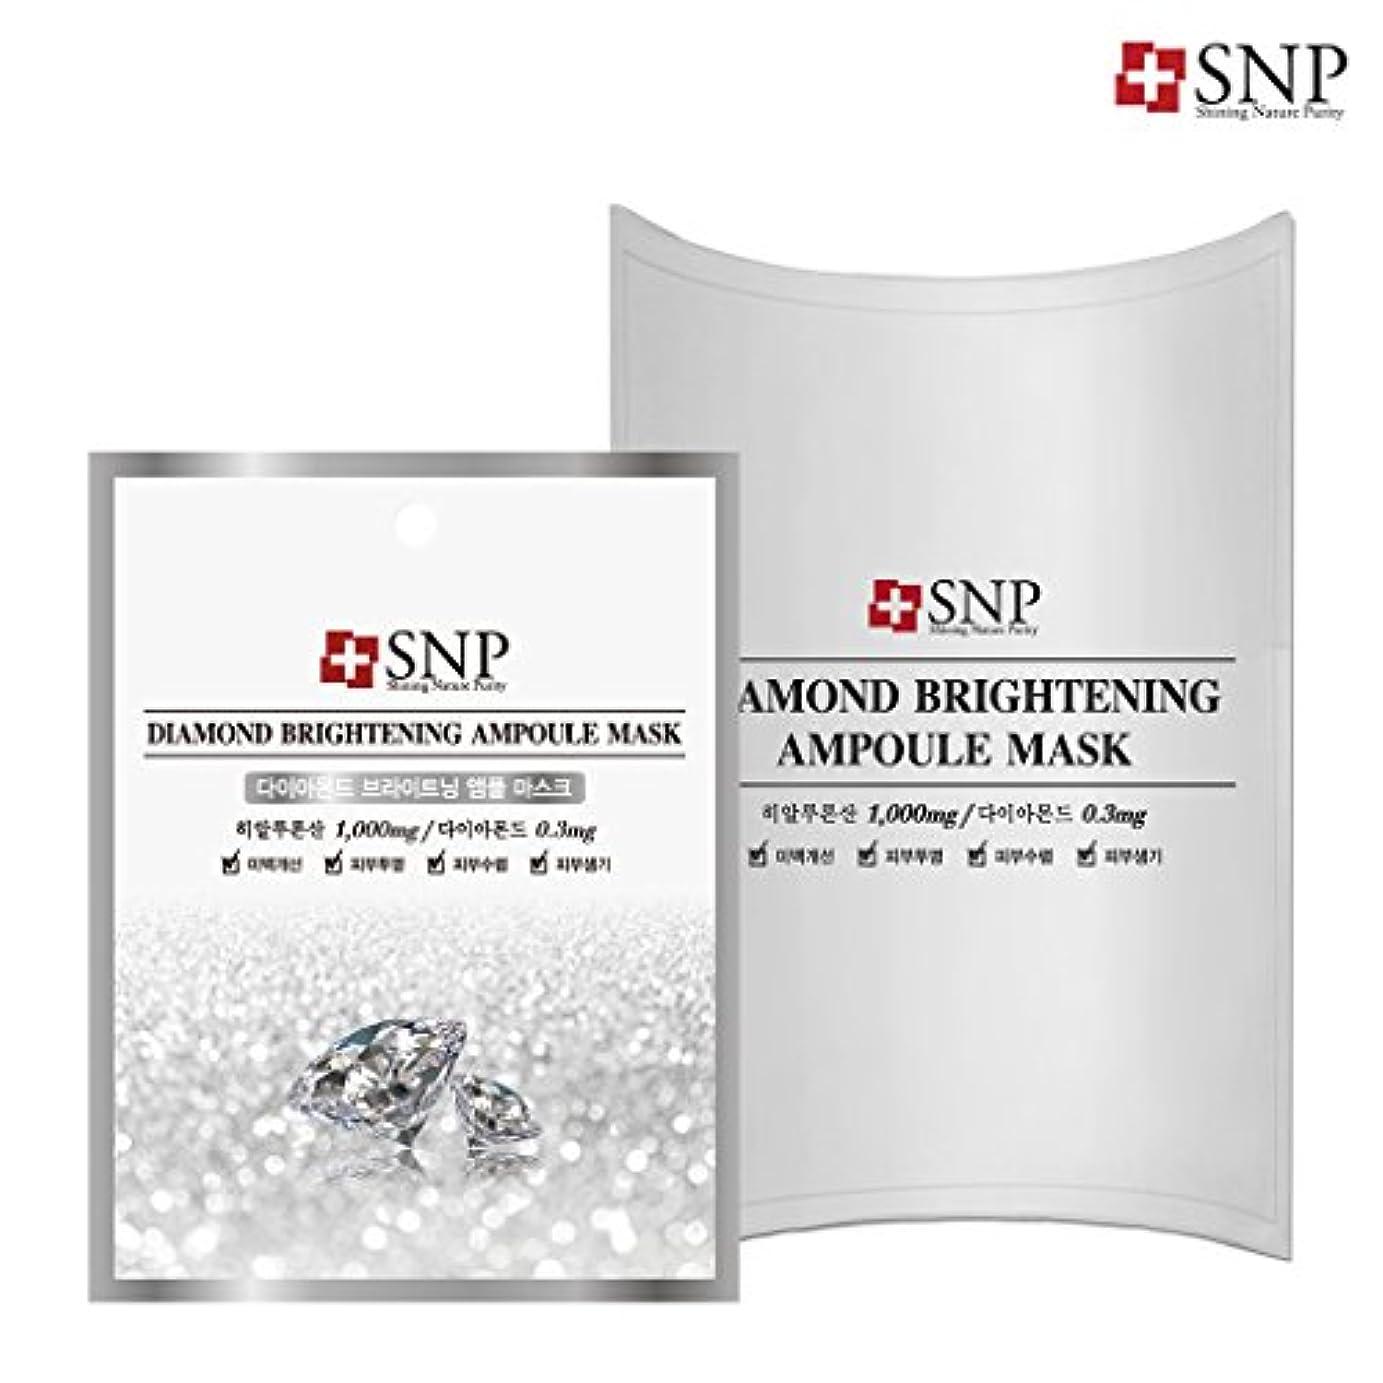 アシスト摩擦コットンSNP ダイアモンド ブライトニング アンプル マスク (10枚) 10枚/DIAMOND BRIGHTENING AMPOULE MASK 10EA[海外直送品]